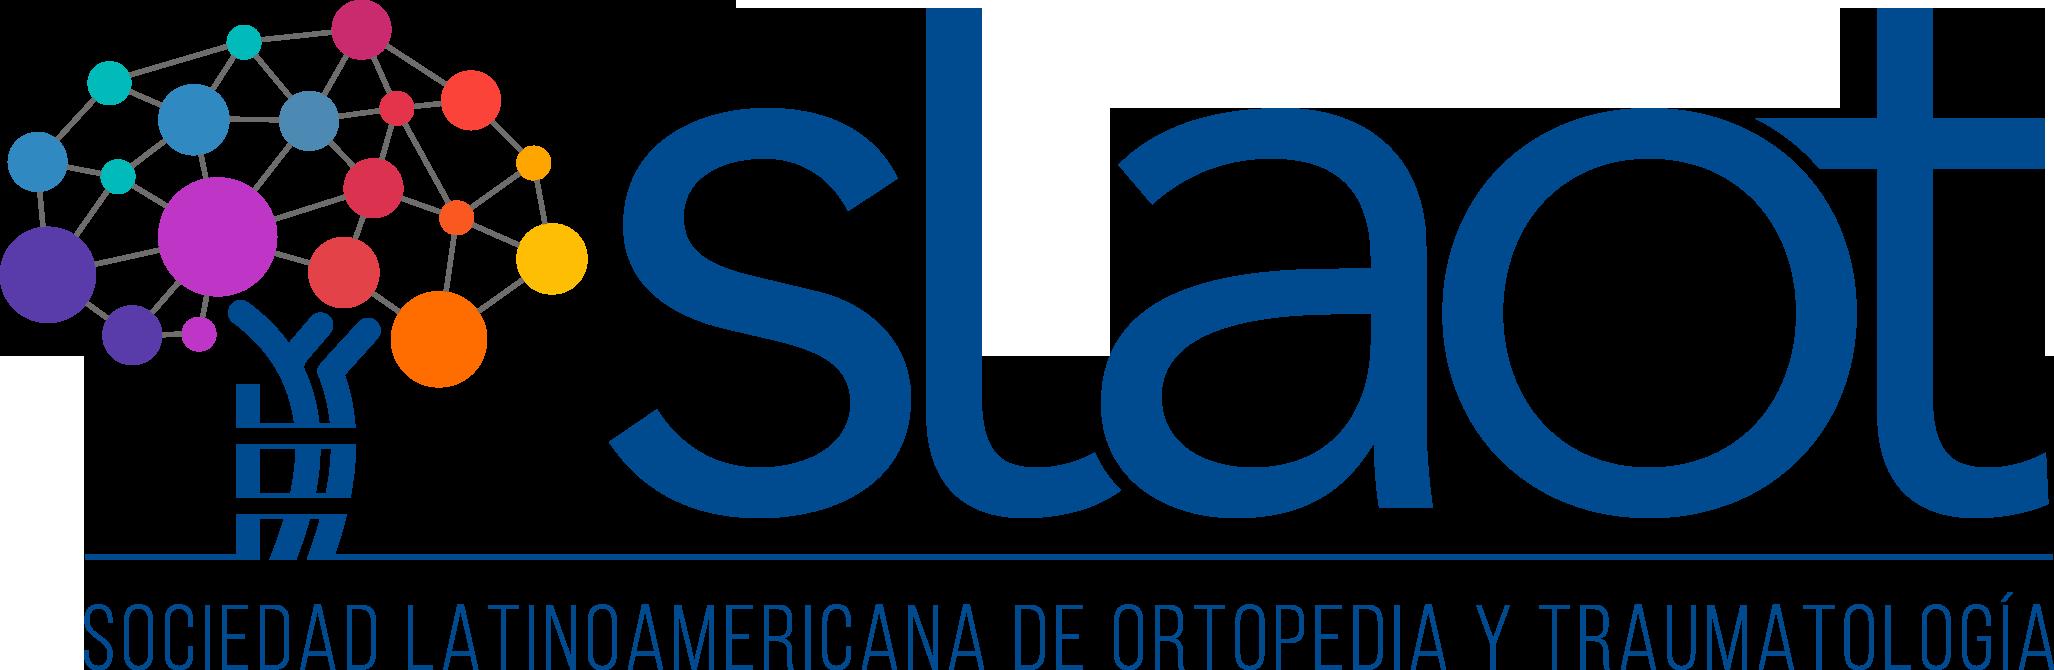 Sociedad Latinoamericana de Ortopedia y Traumatología